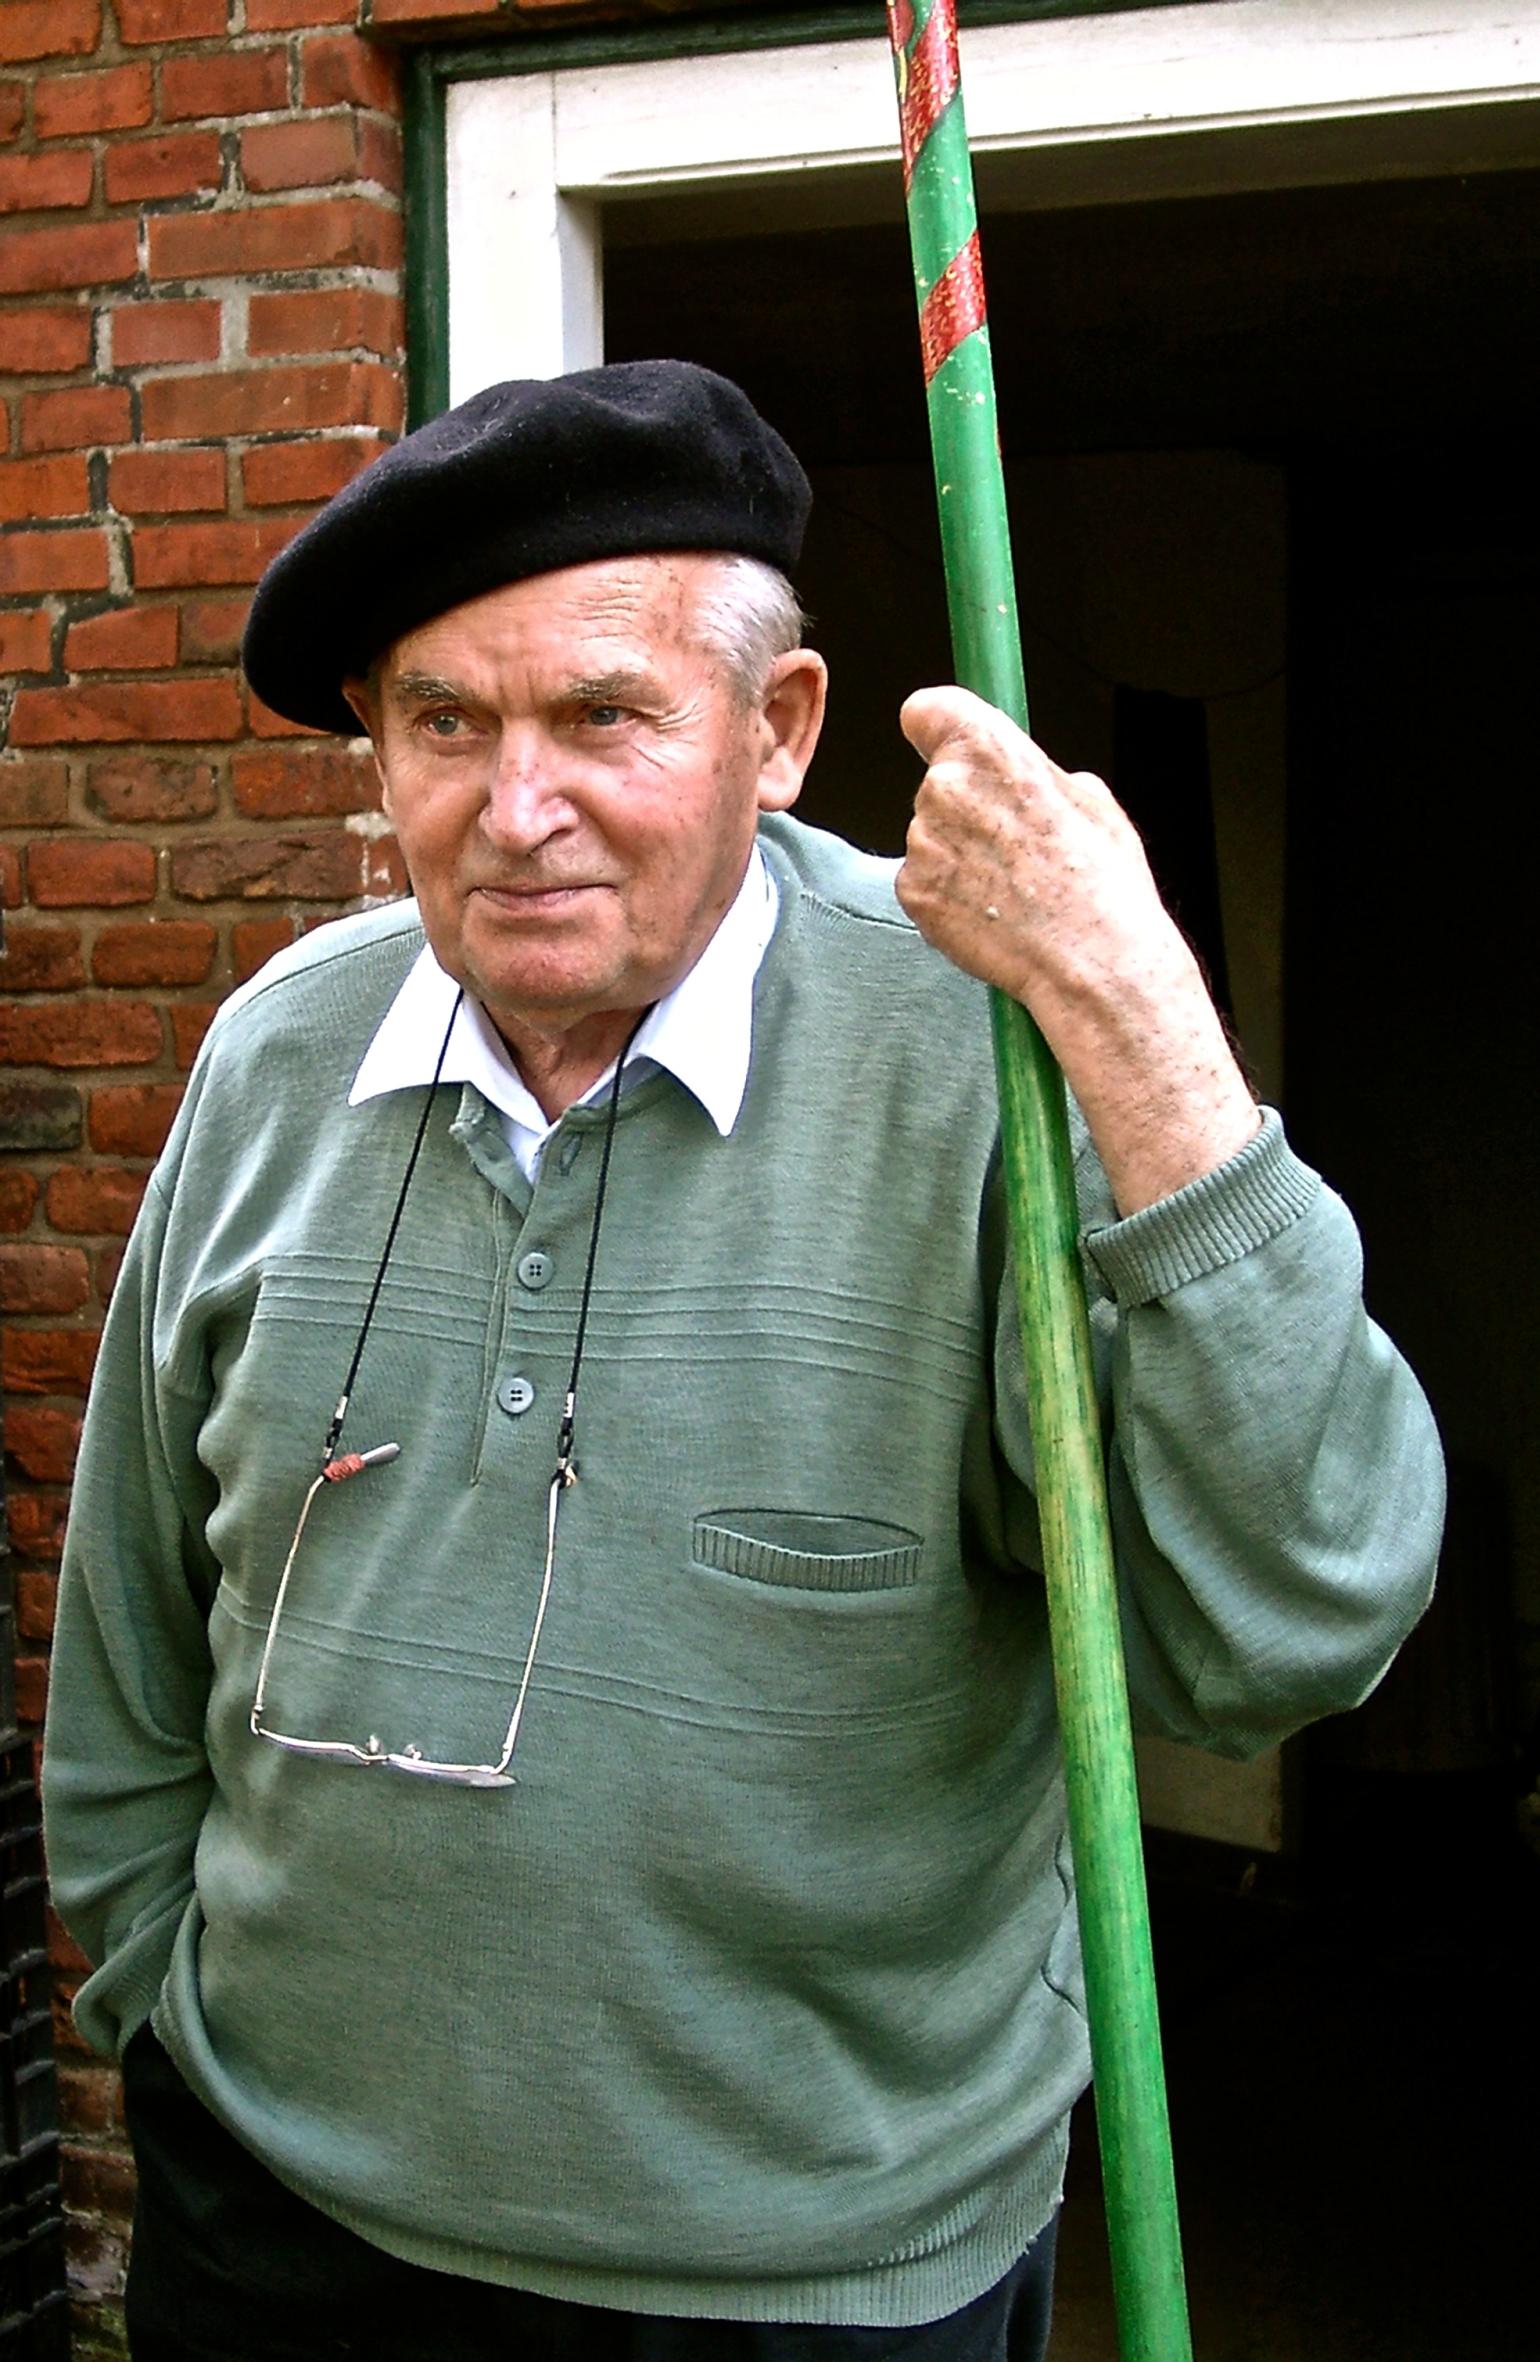 Der Mensch zeigt sich im Garten – Vor 100 Jahren wurde der geniale Staudenzüchter und Menschenfreund Ernst Pagels geboren